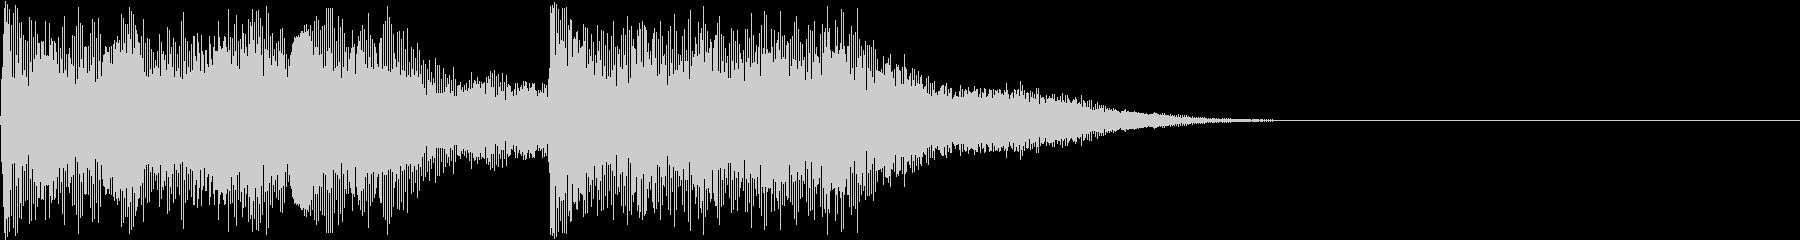 AI メカ/ロボ/マシン動作音 19 短の未再生の波形